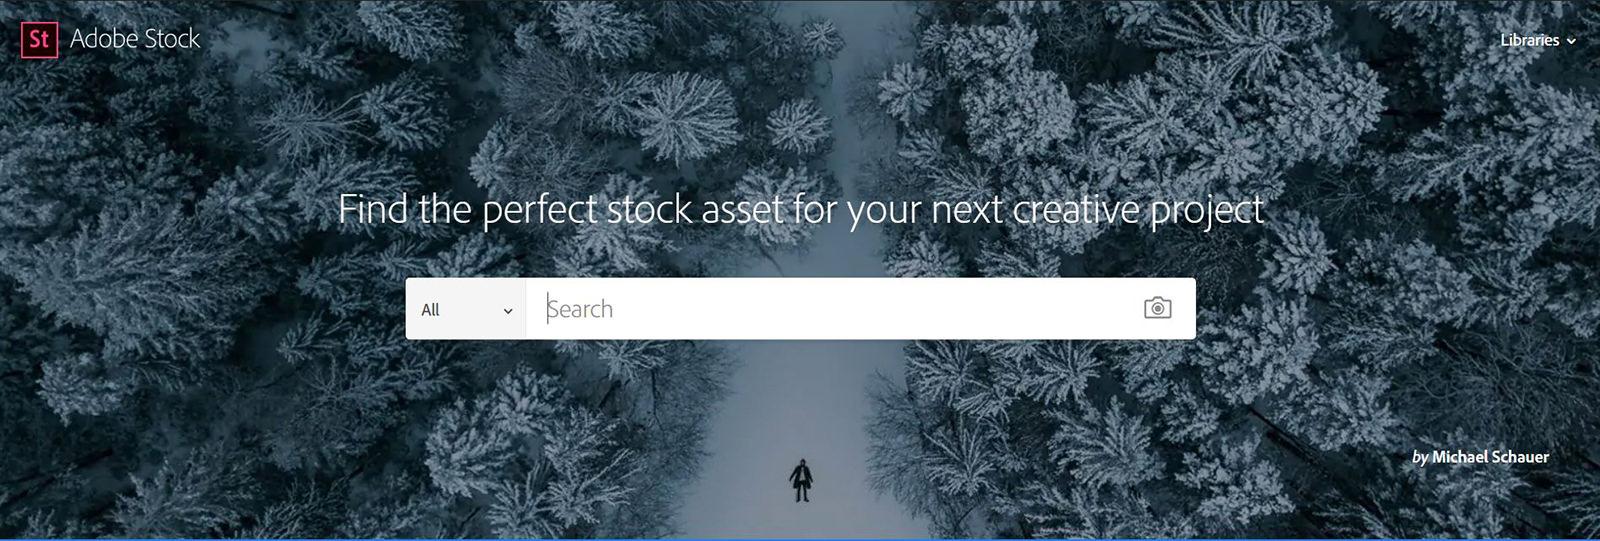 Adobe Stock Photos